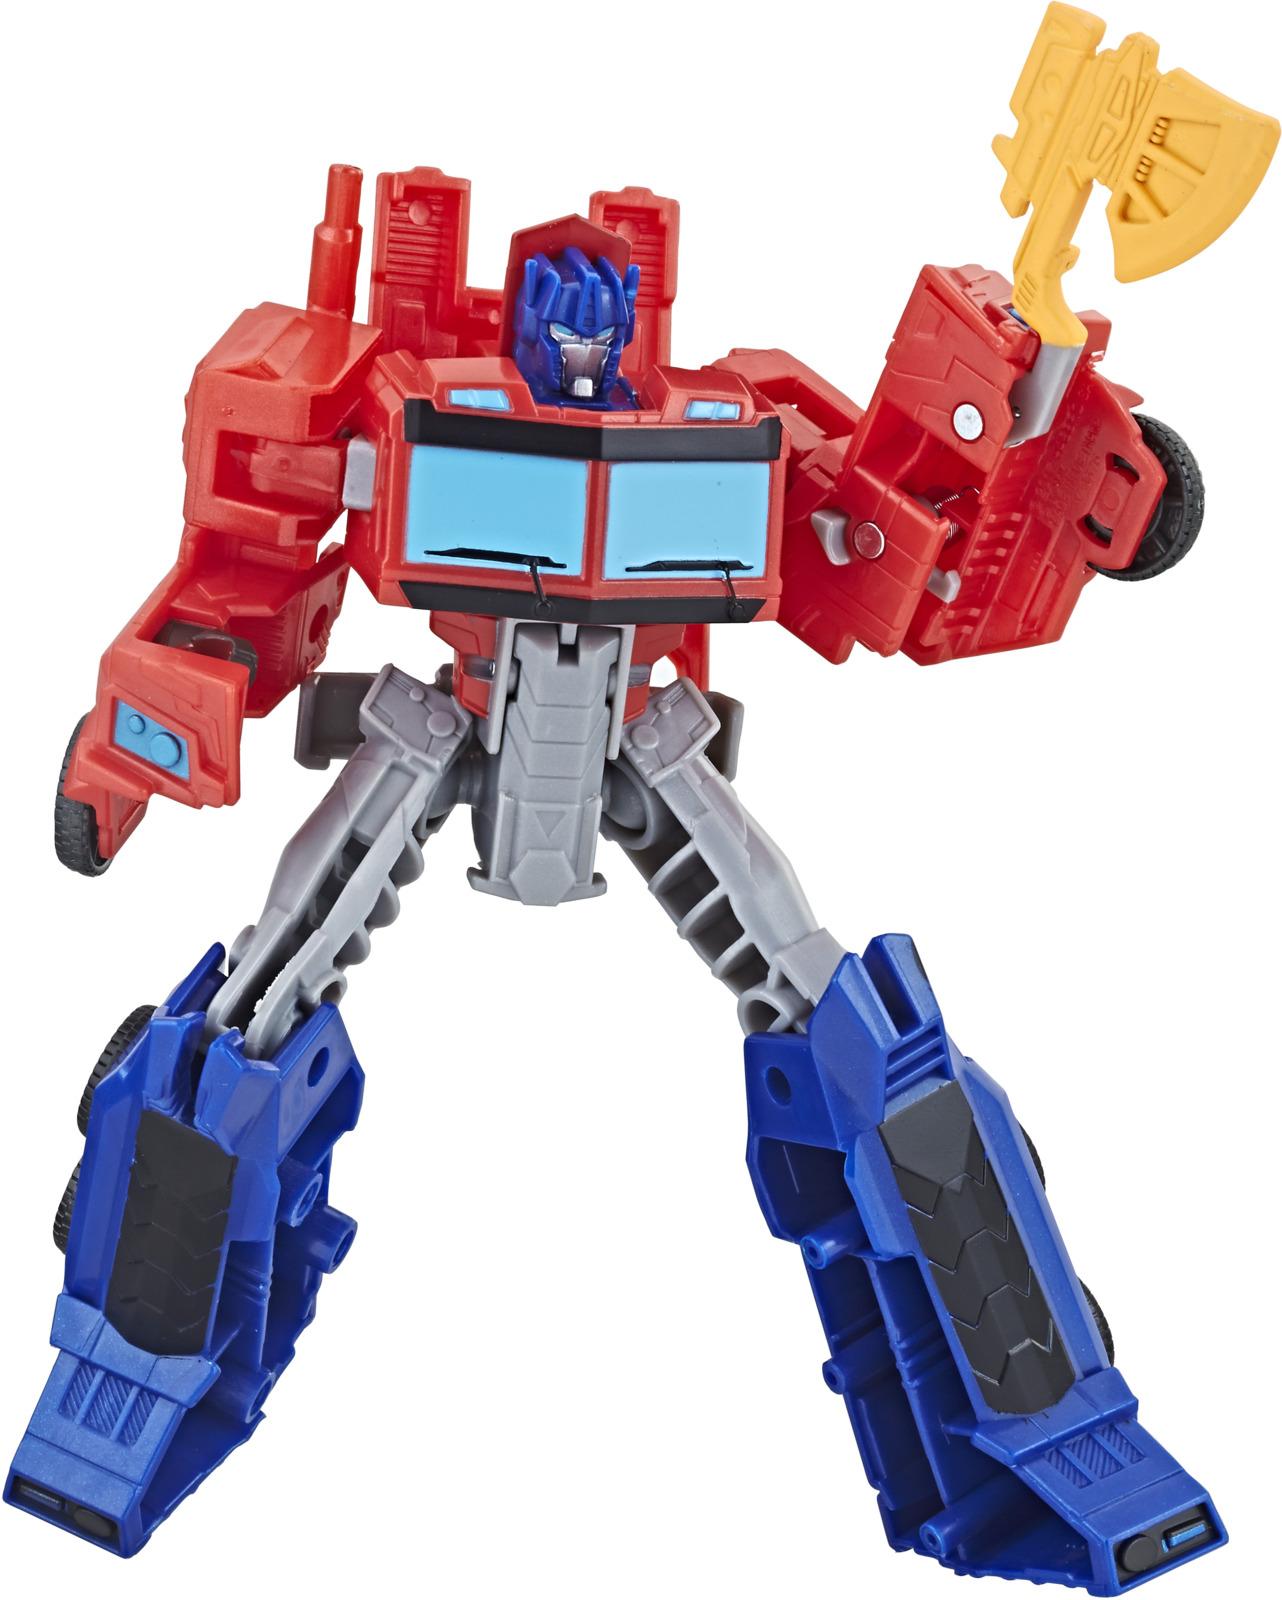 Transformers Игрушкатрансформер Кибервселенная 14 см